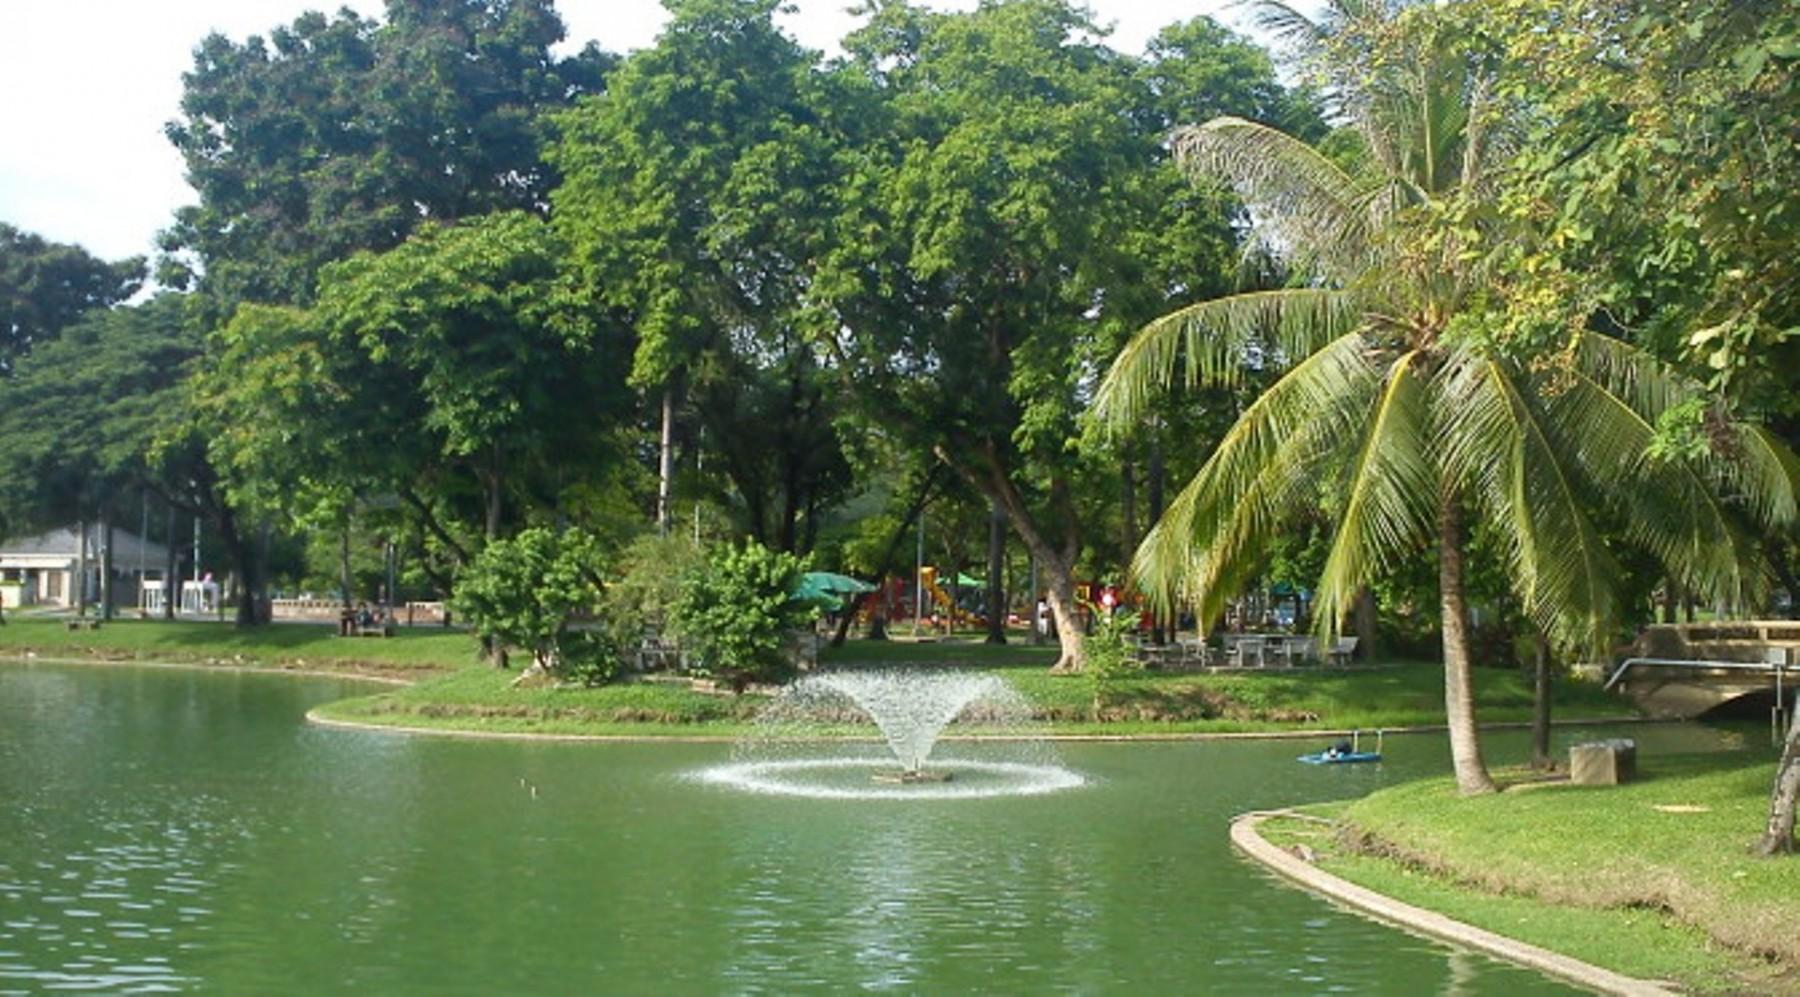 افضل واجمل الحدائق الطبيعية المتميزه فى تايلاند  | الحدائق الطبيعيه فى تايلاند